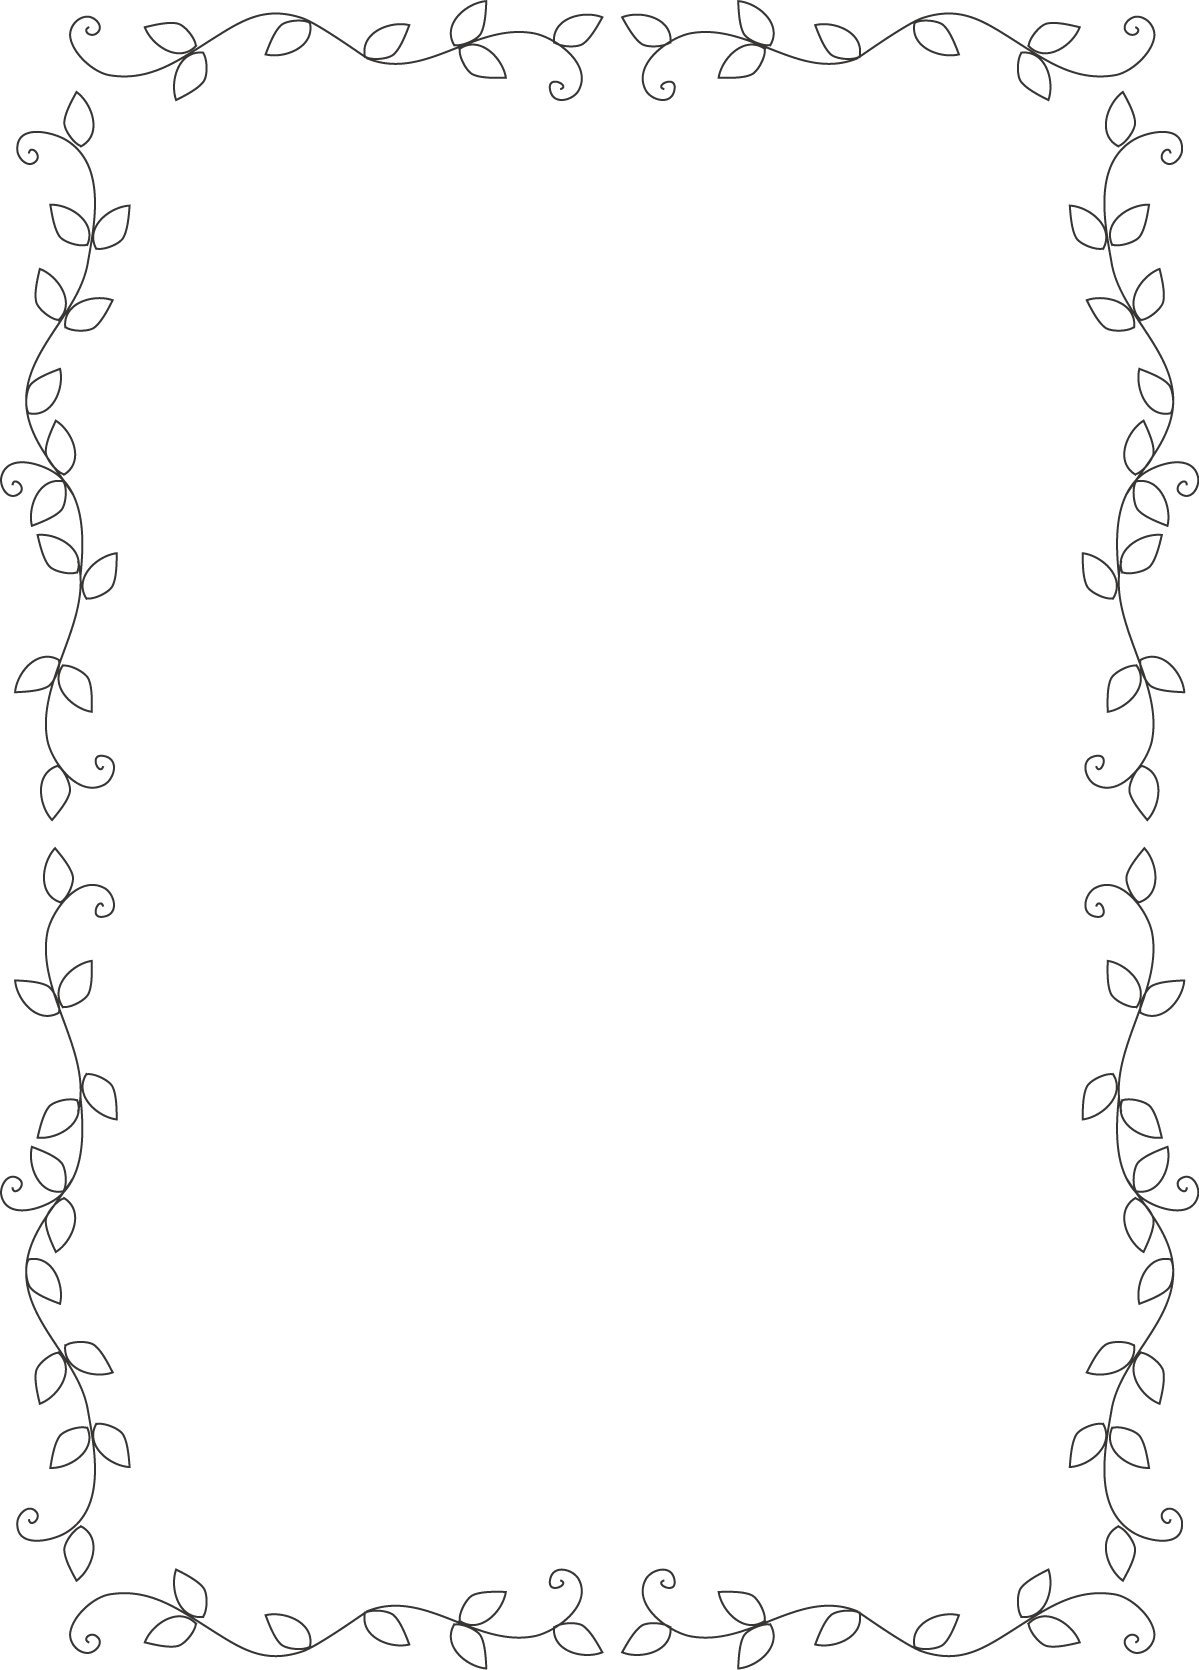 枠・イラスト飾り枠(葉デザイン)無料イラスト素材